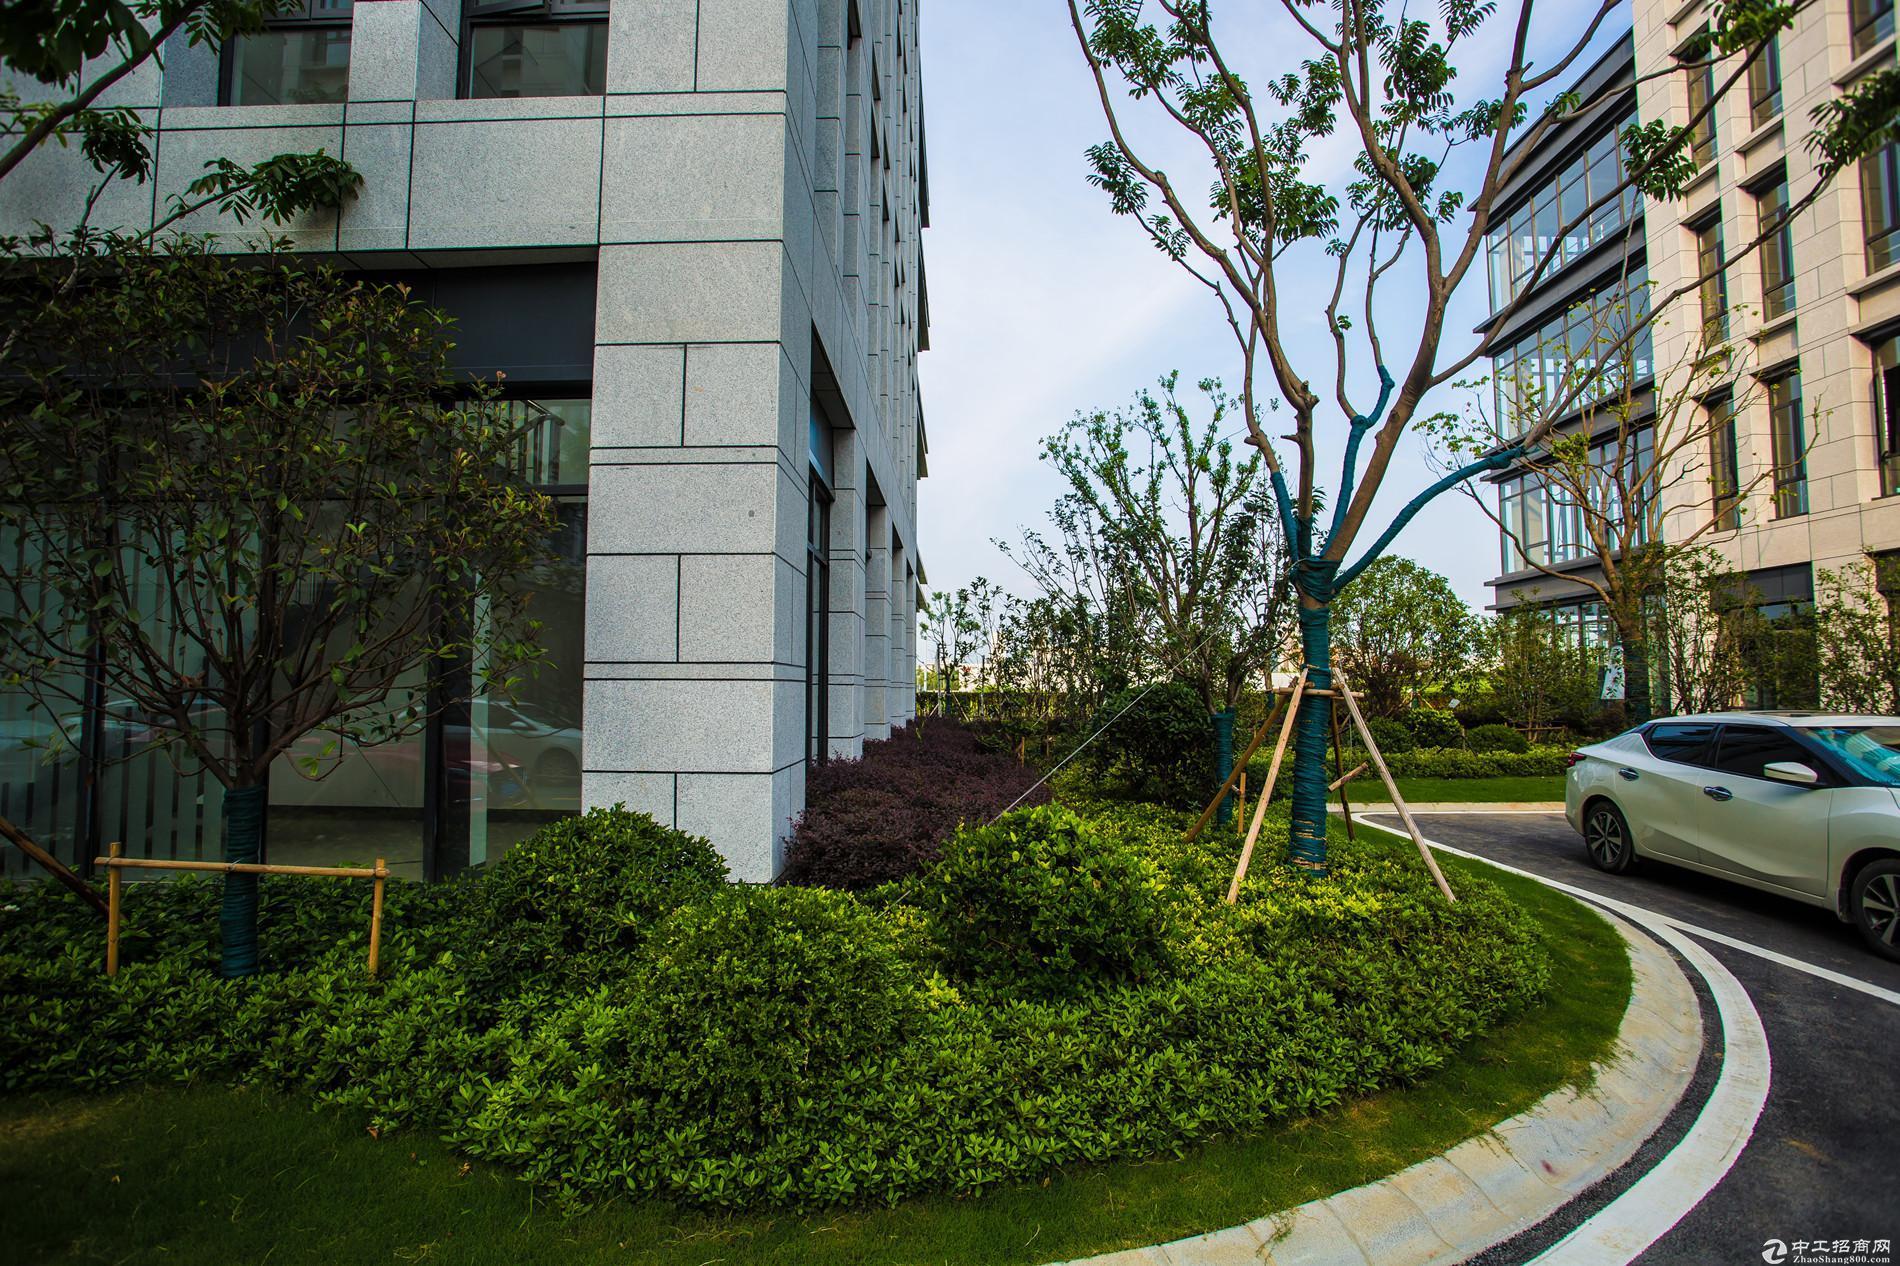 全新独栋3层标准厂房3500平米 首付3成  有宿舍